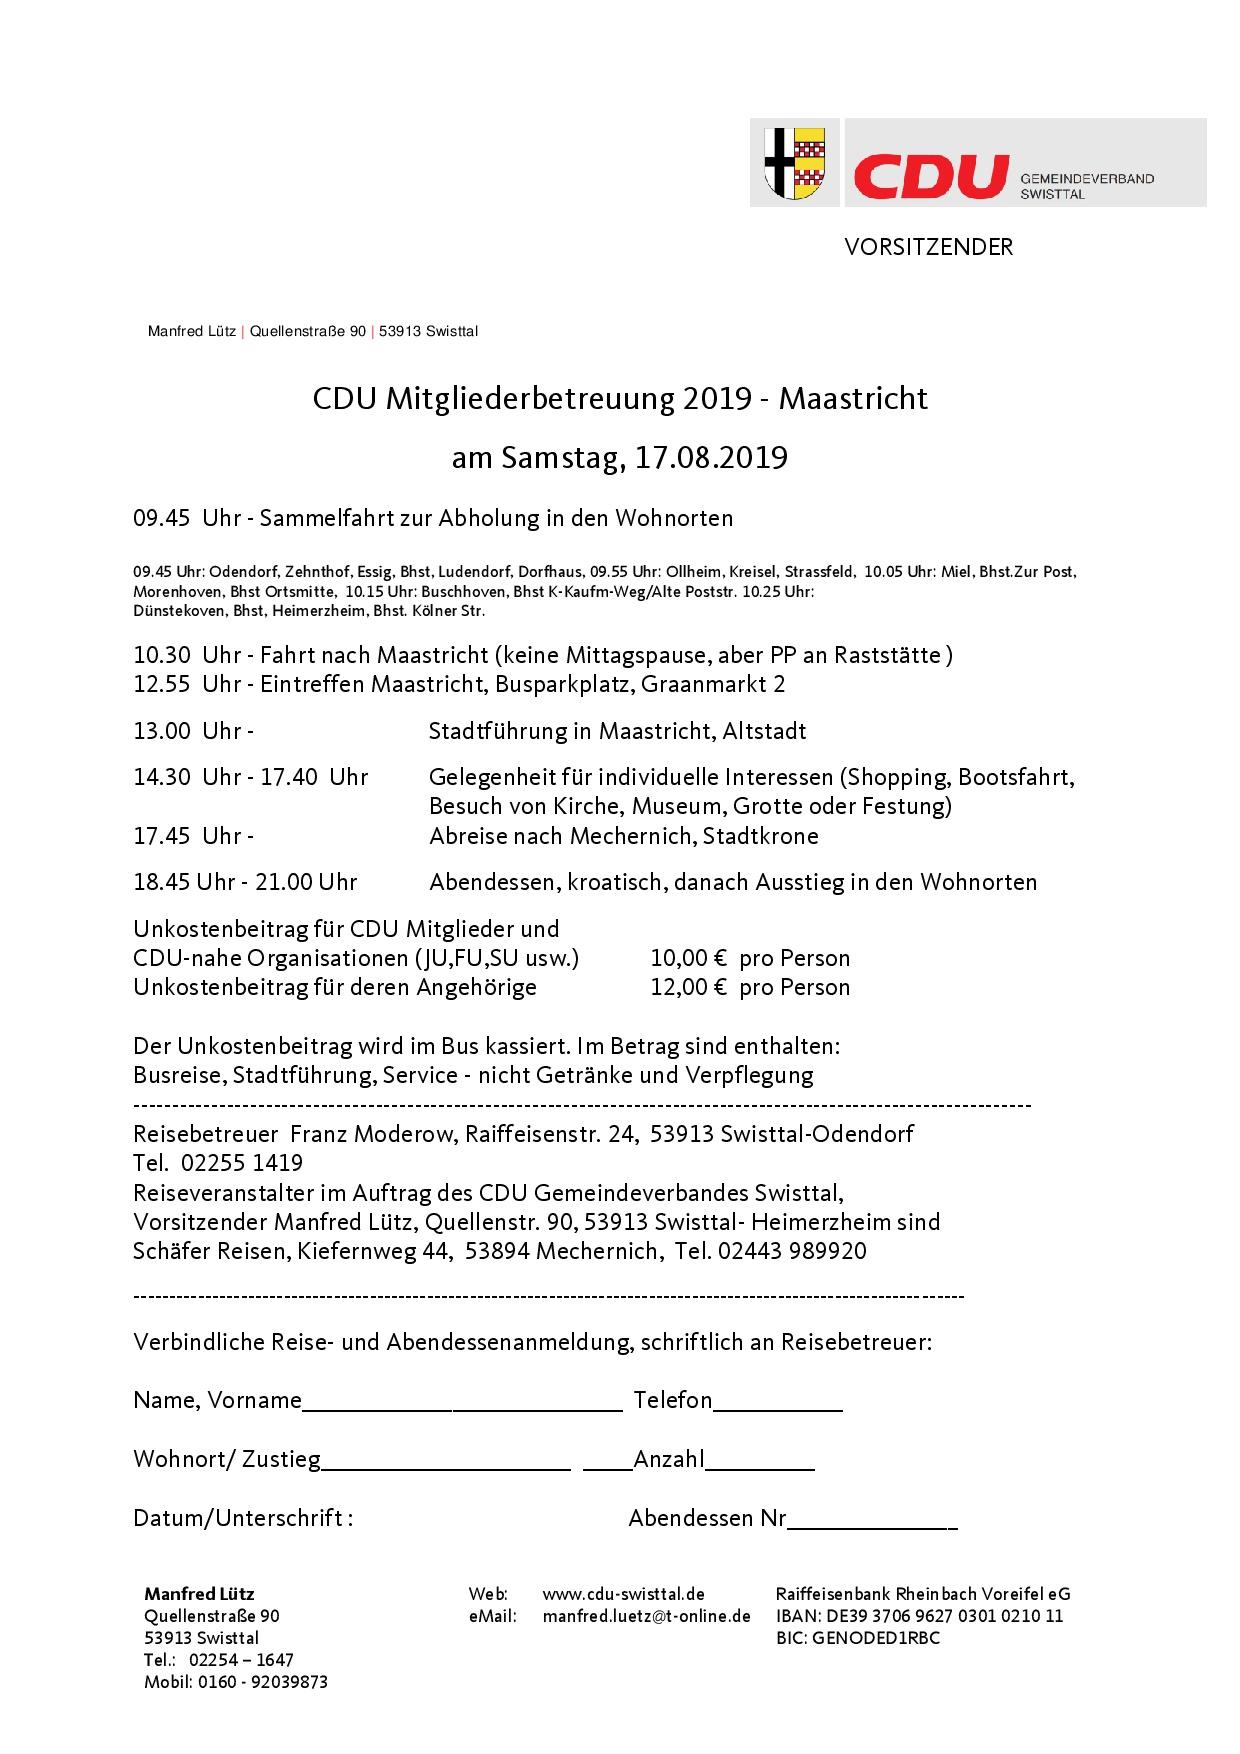 Einladung zum Tagesausflug nach Maastricht